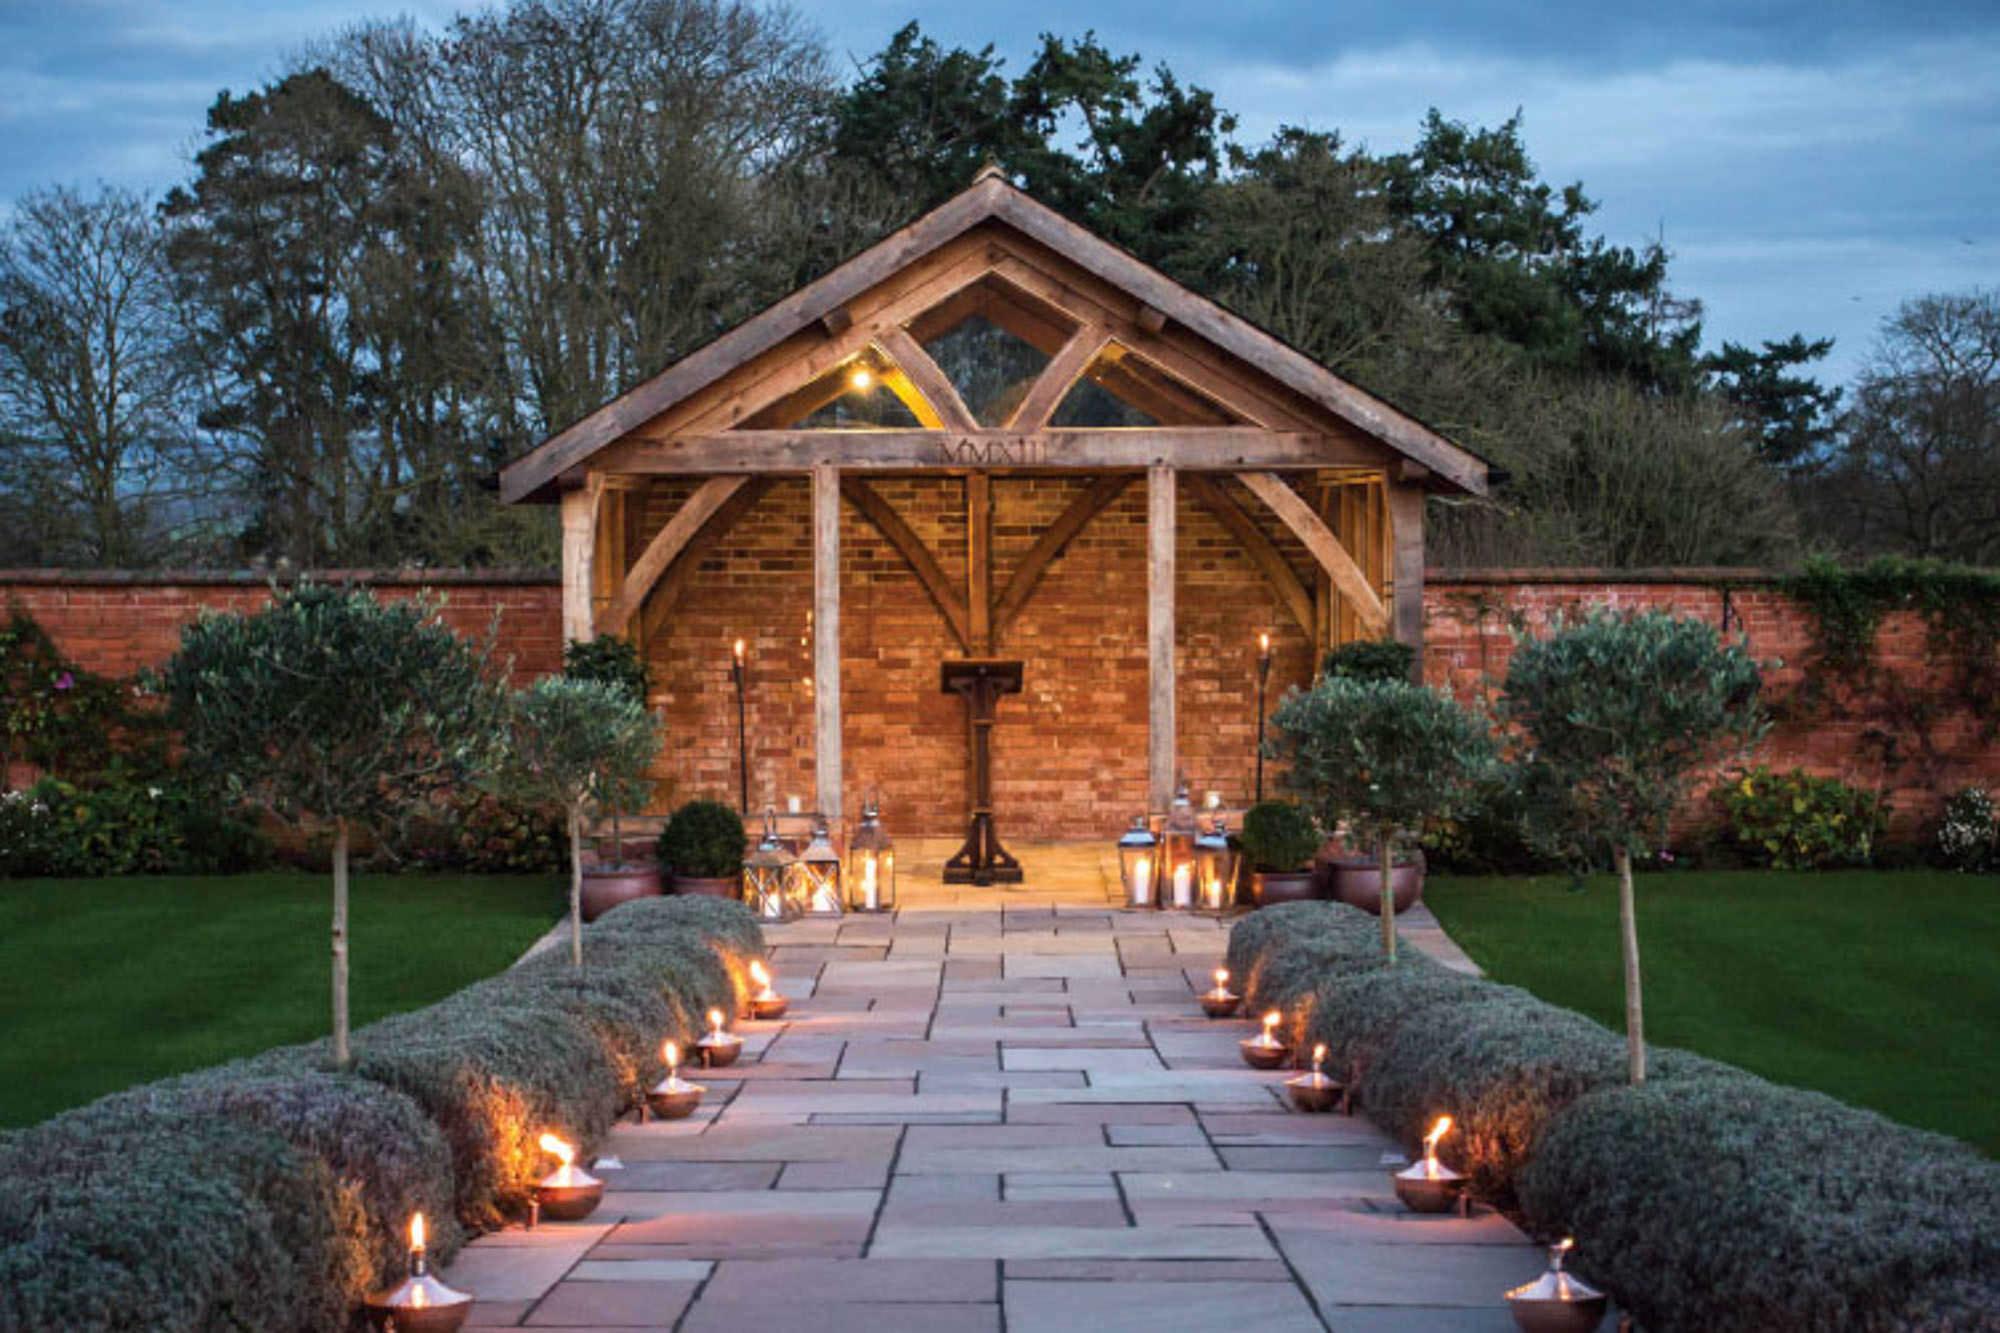 Upton Barn + Walled Garden - Devon Wedding Venue - South West